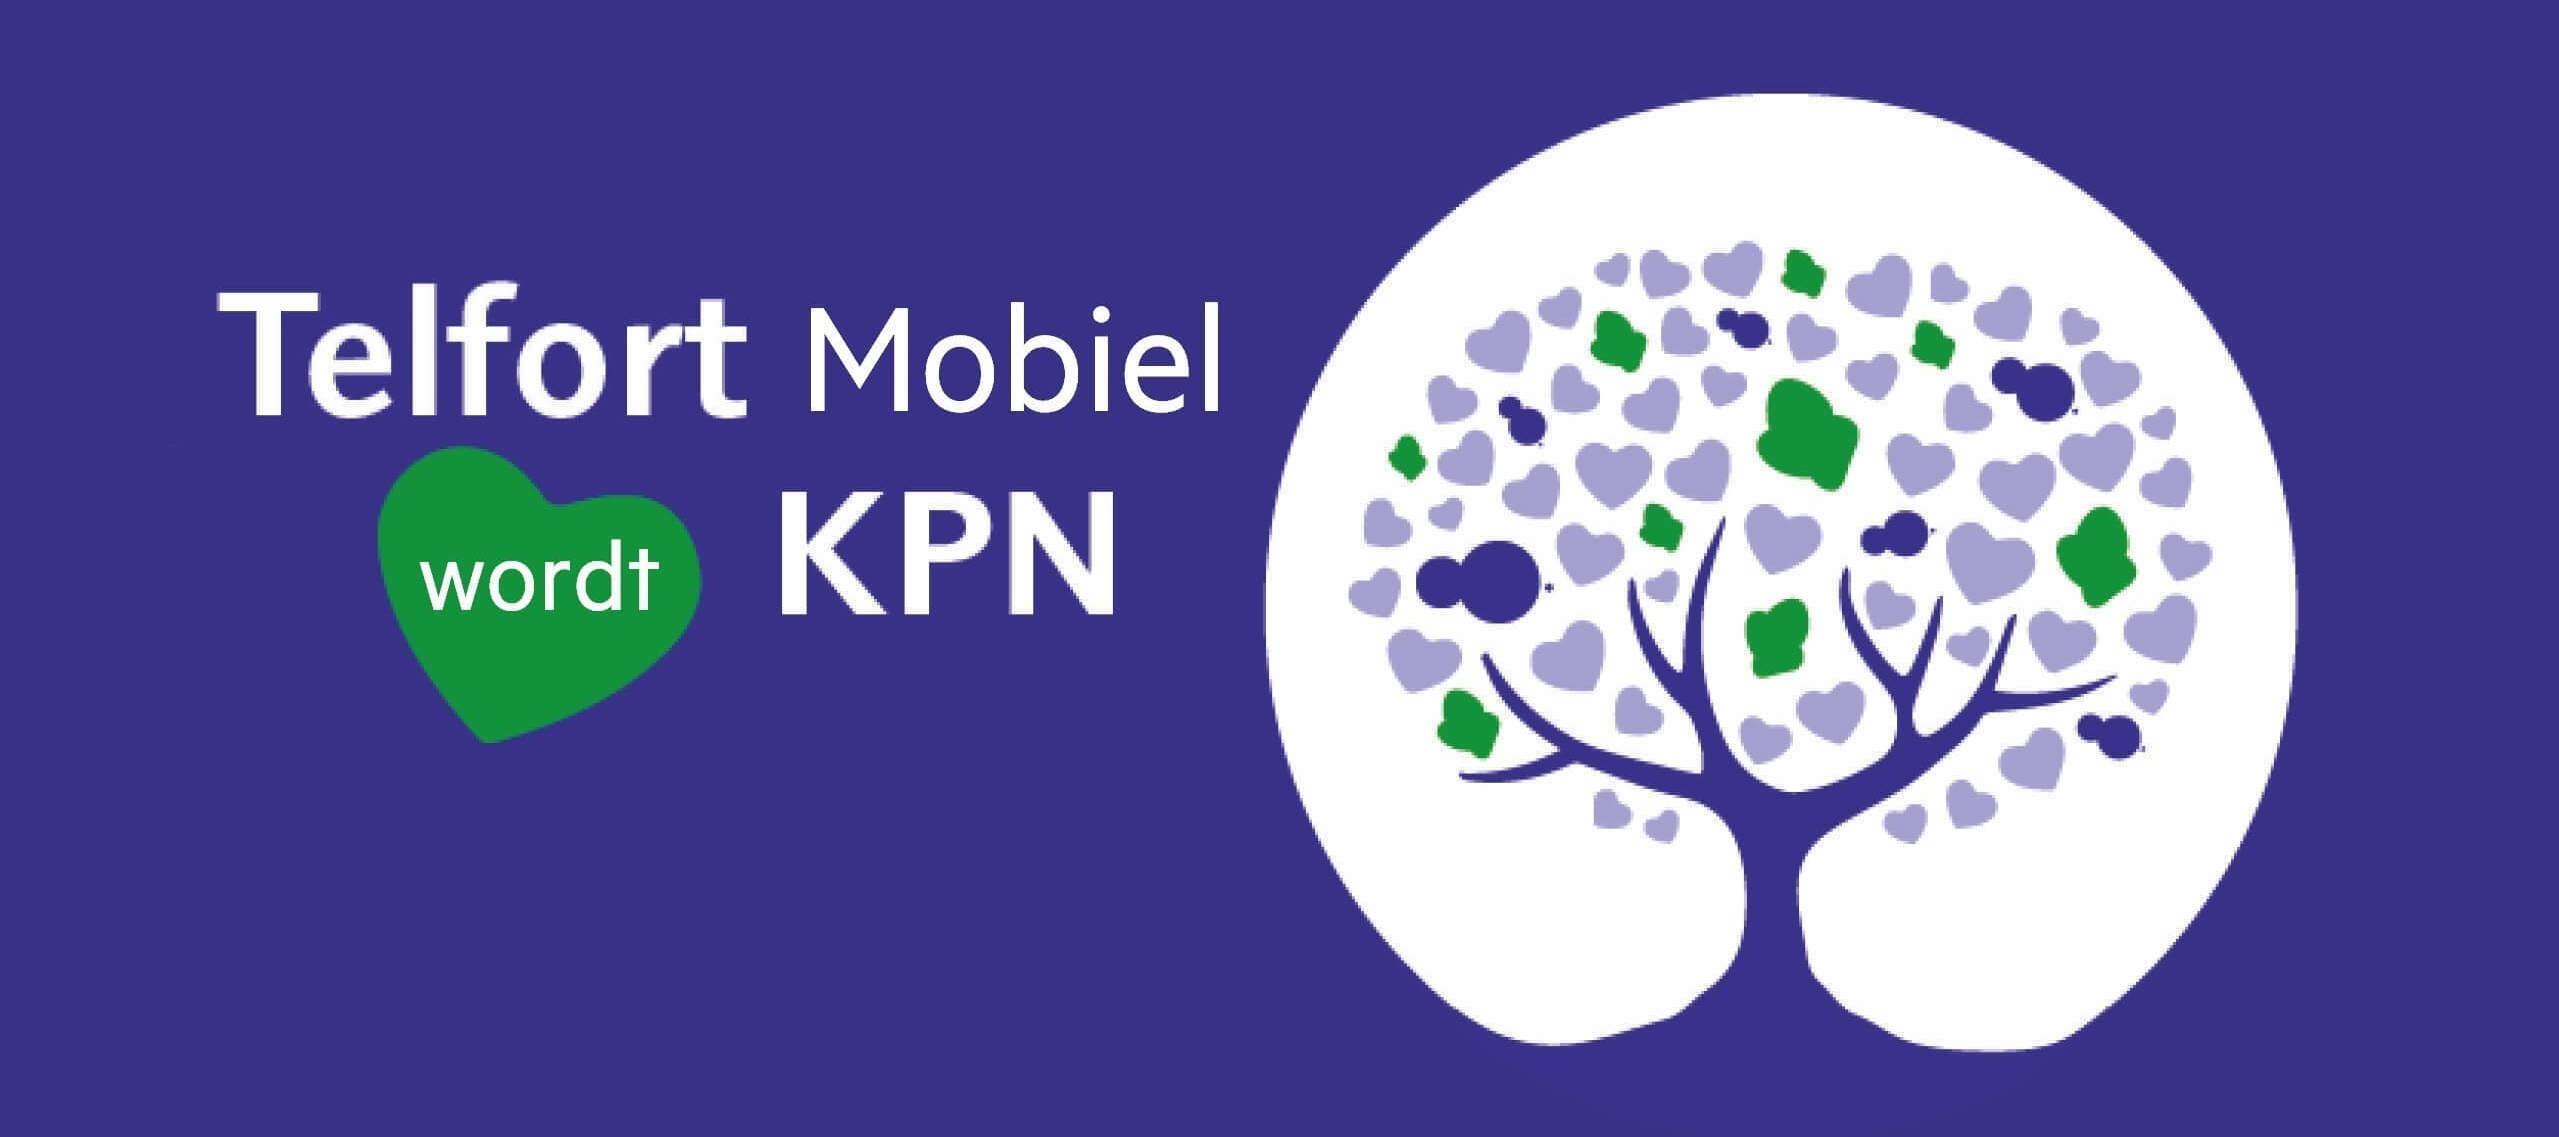 KPN klantnummer na Telfort Mobiel migratie